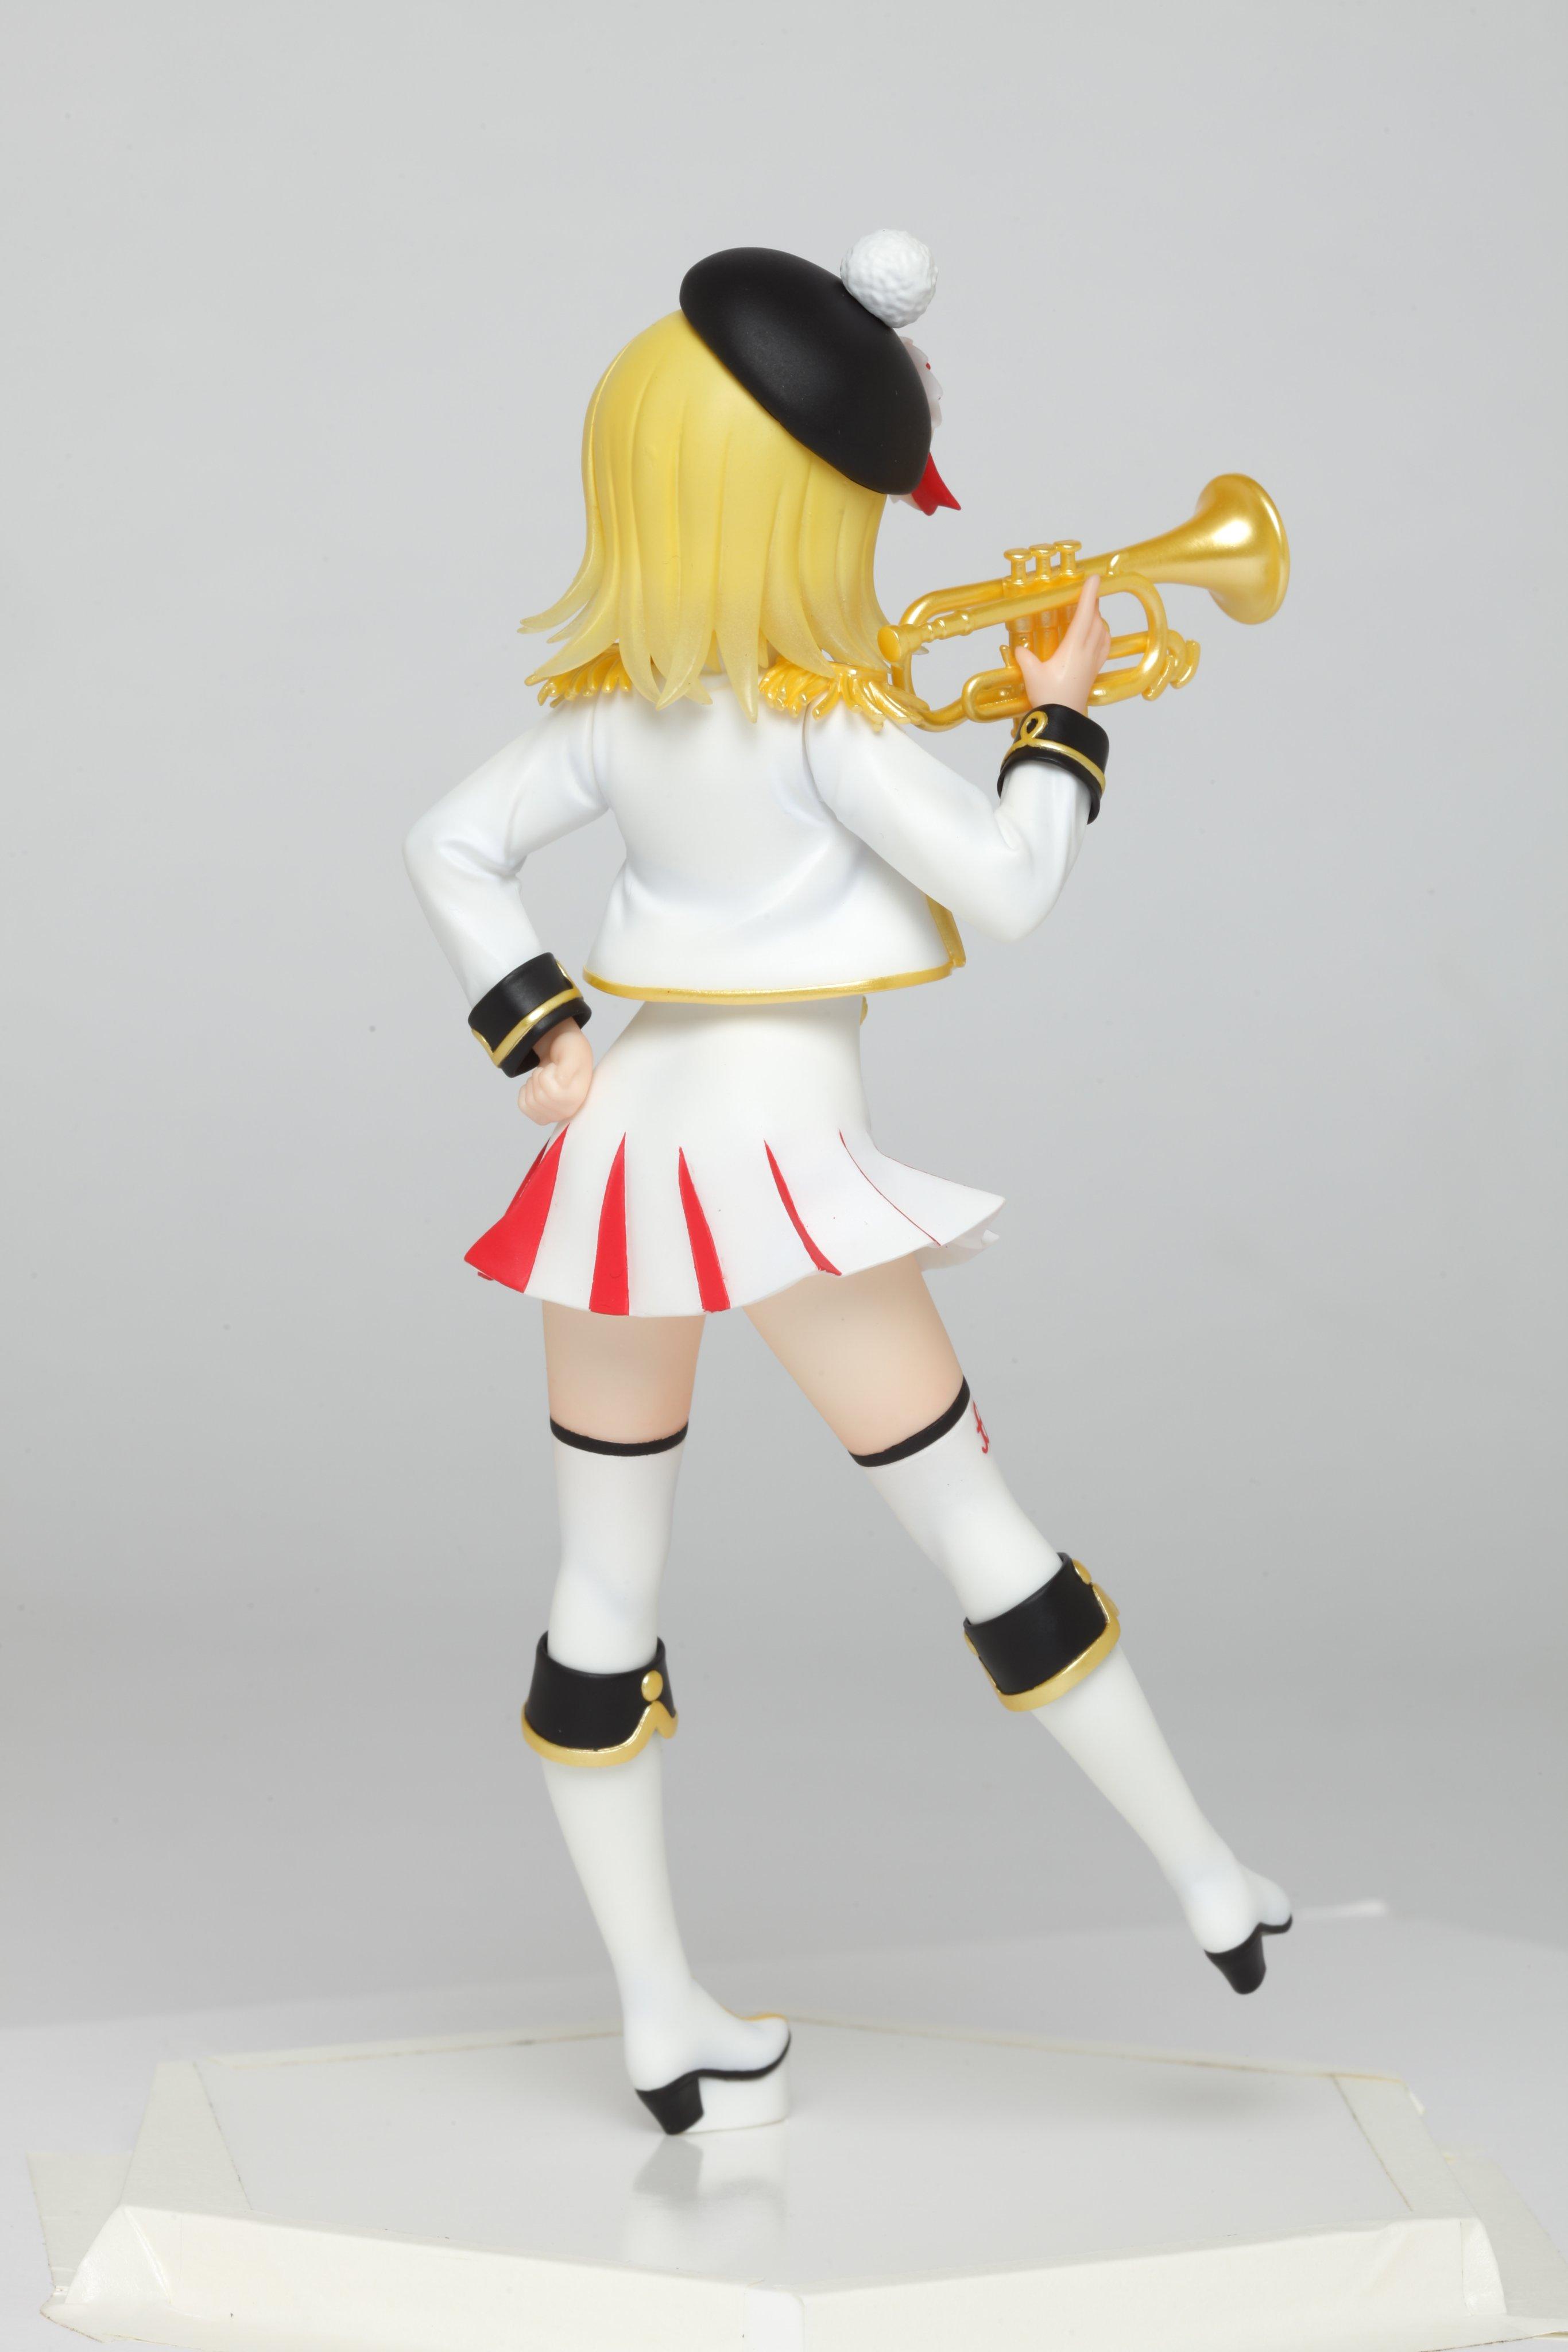 Kagamine Len Winter Live Figure Vocaloid Hatsune Miku Taito New Cute